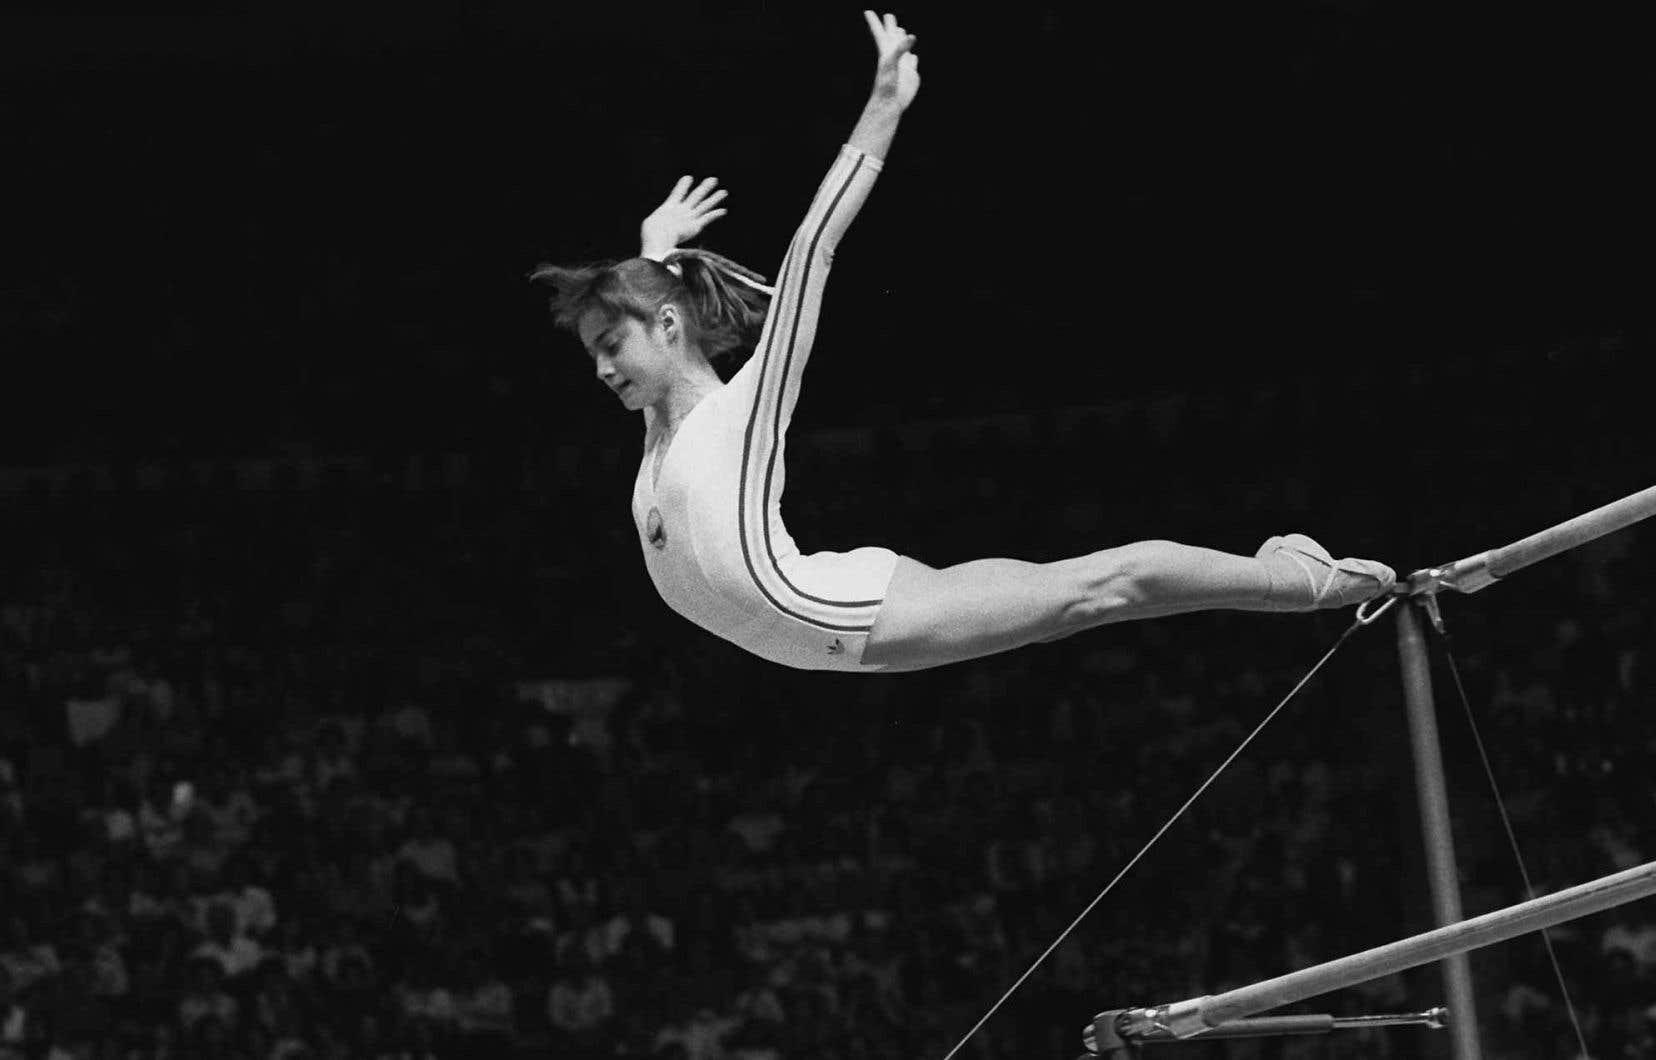 Reine des Jeux olympiques de Montréal en 1976, Nadia Comaneci, nommée «Héroïne du travail socialiste» par le dictateur Nicolae Ceausescu, n'a pas pour autant échappé aux brimades: elle a été «tourmentée, intimidée, humiliée», souligne l'historien Stejarel Olaru.